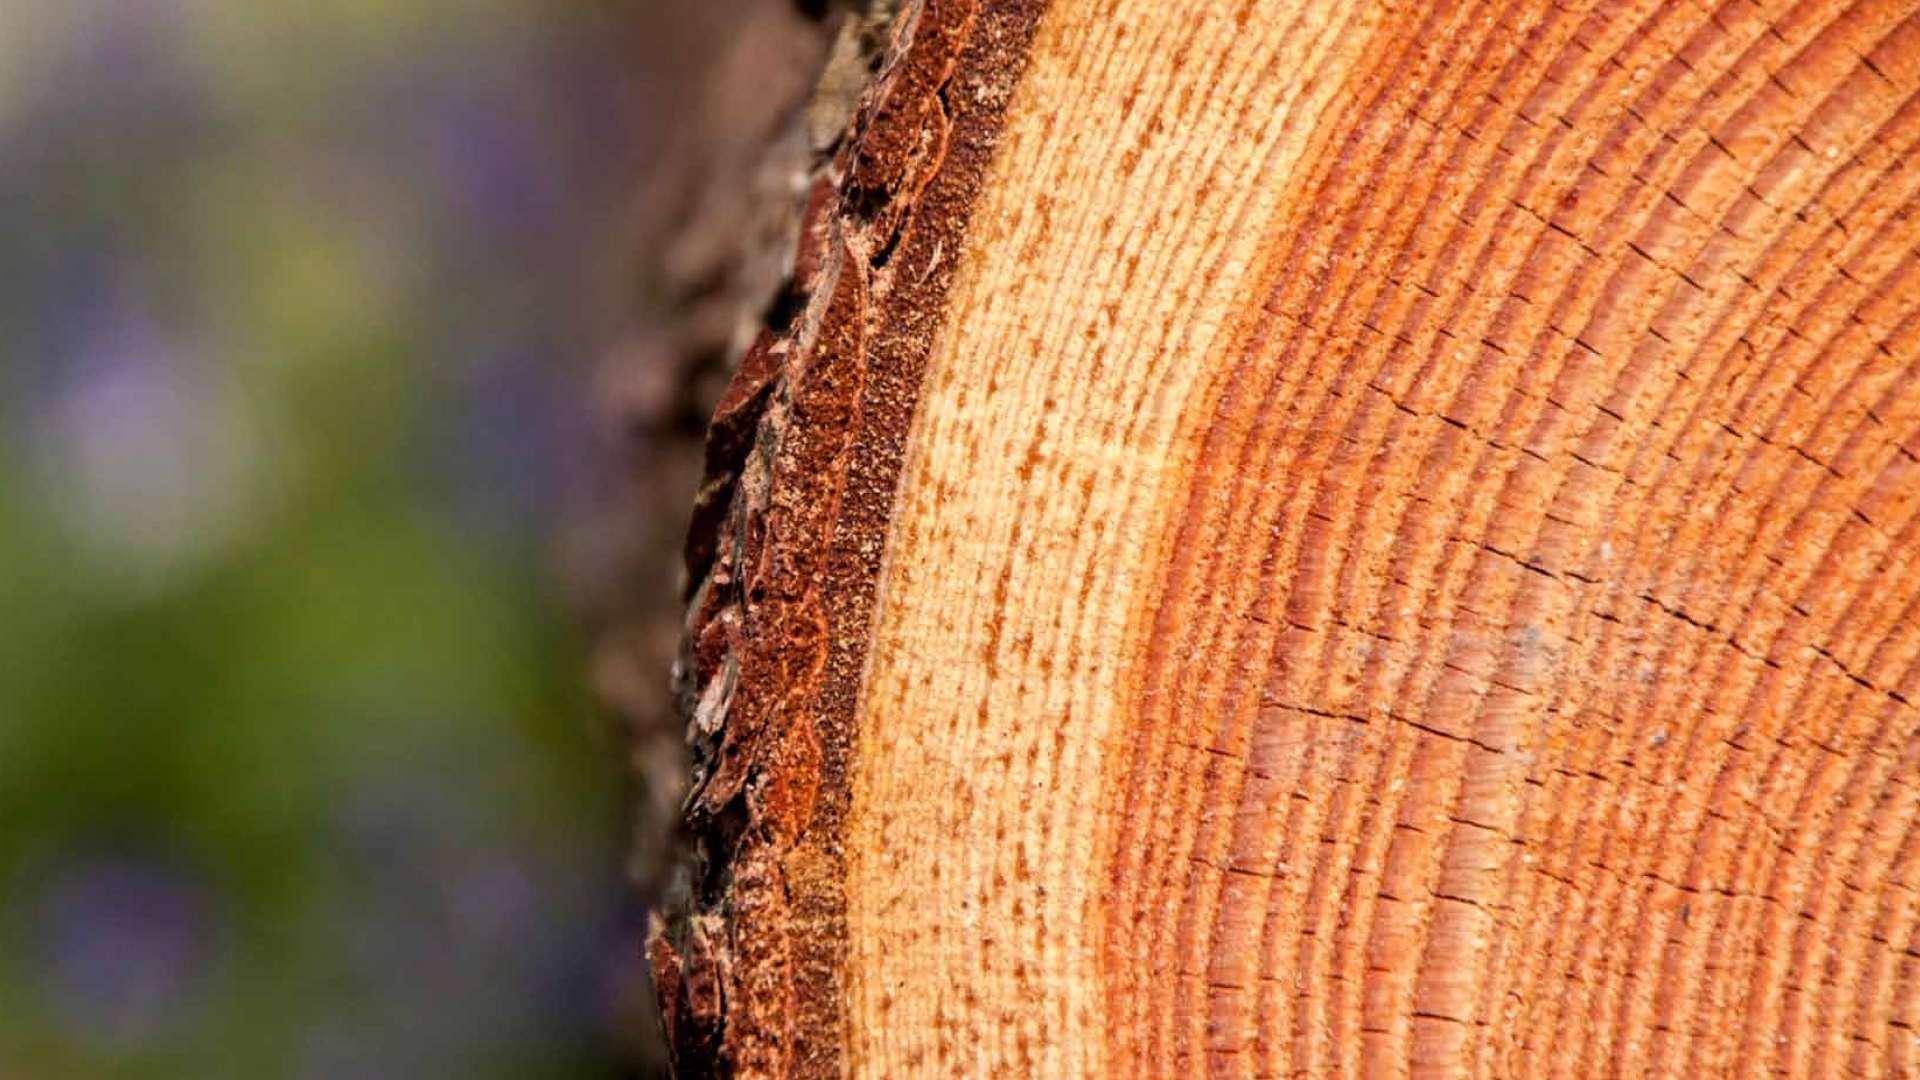 Nahansicht eines Baumstammes